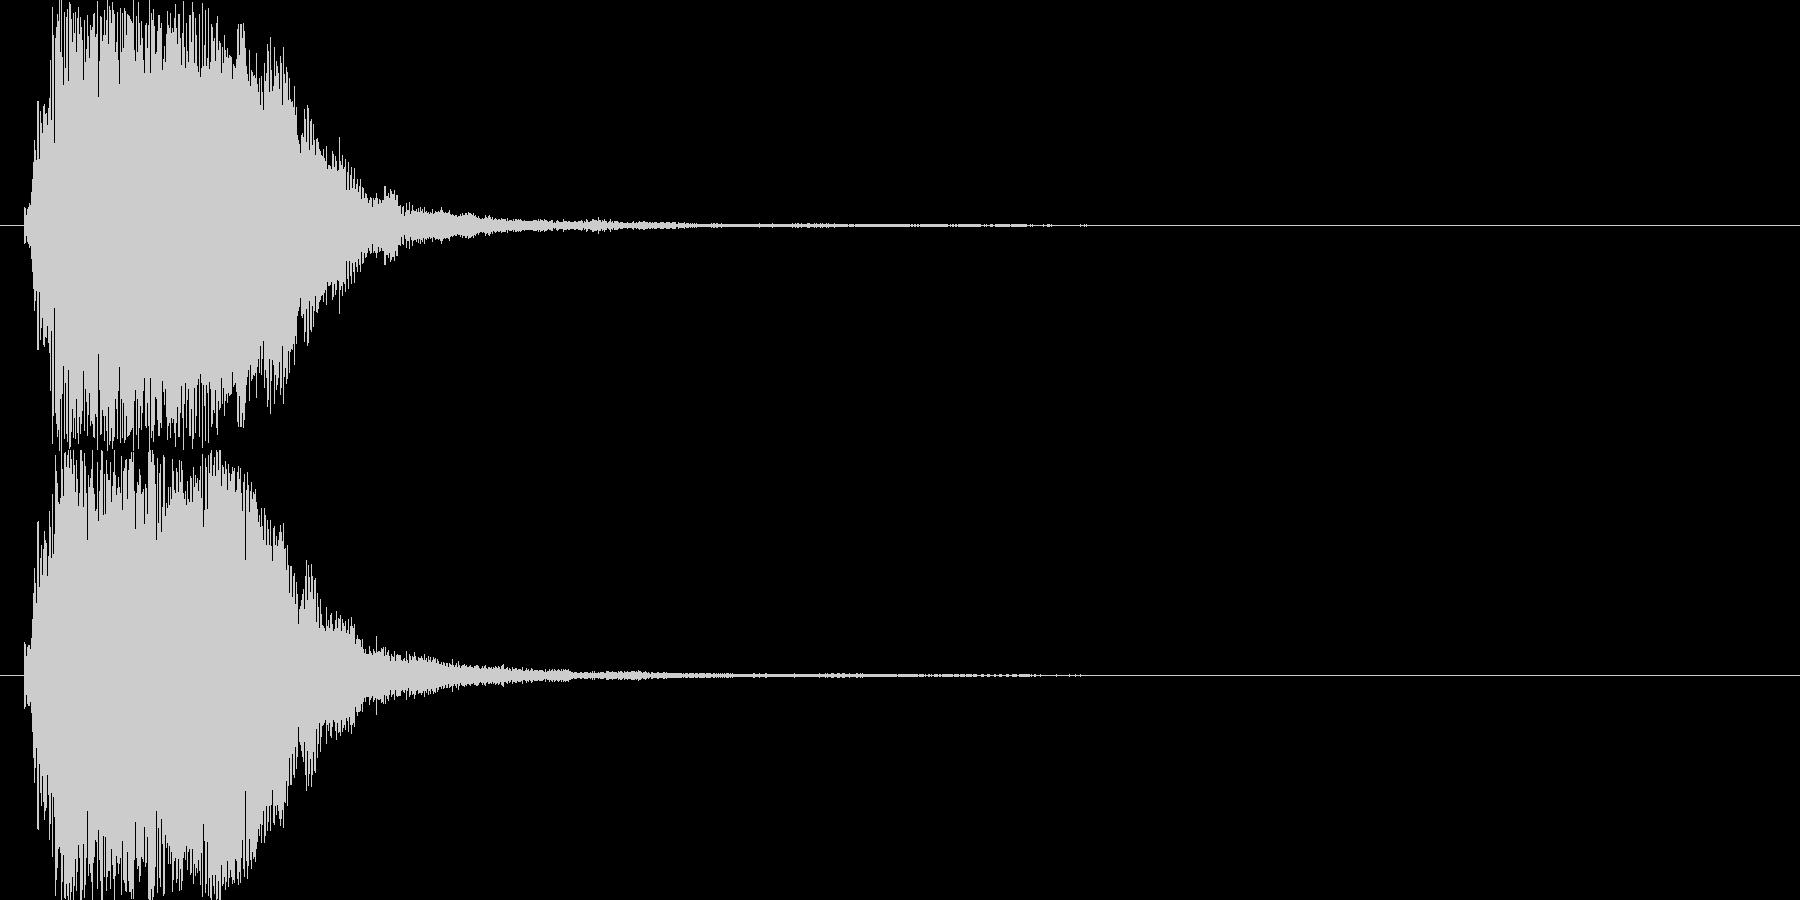 上昇系の効果音です。『ザララララン』の未再生の波形